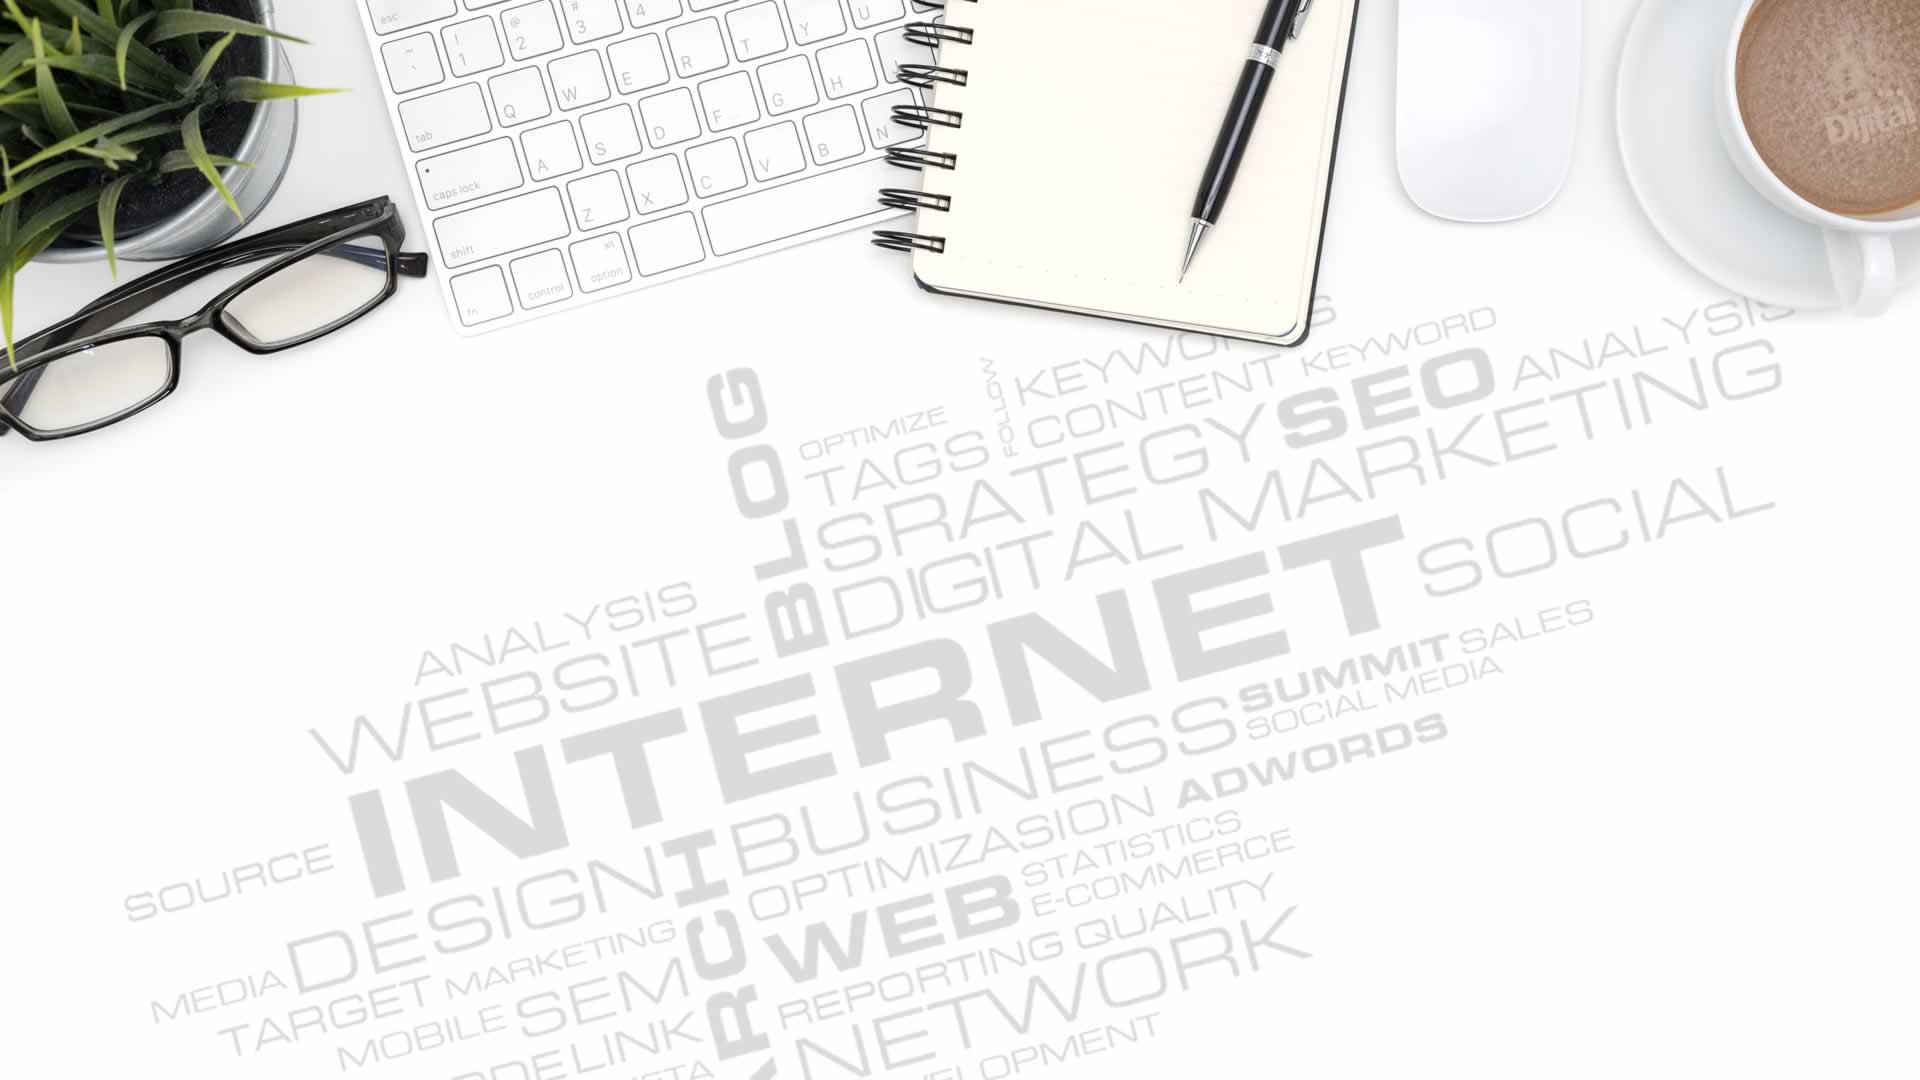 İşletmenizin Dijital Partneri